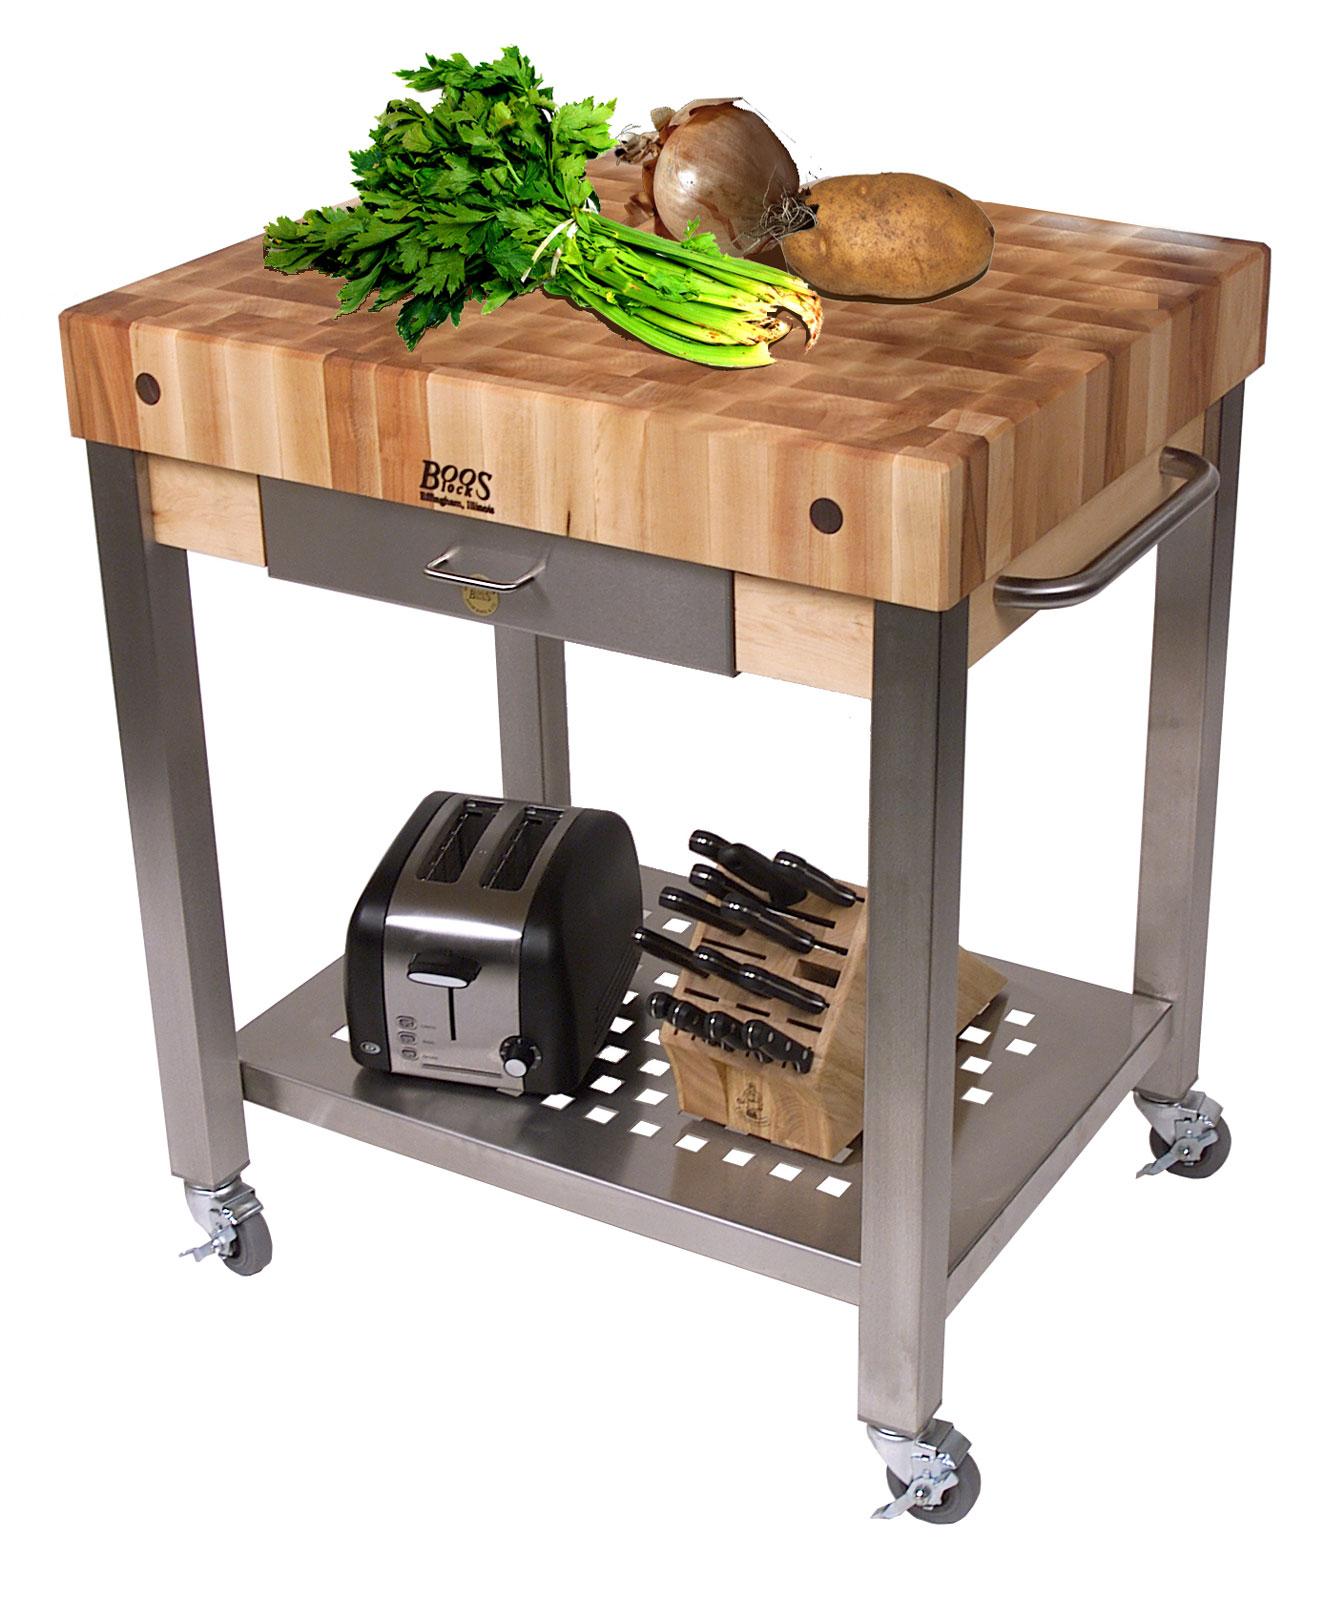 Cucina technica kitchen cart by john boos cuct24 in kitchen island carts - John boos cucina ...